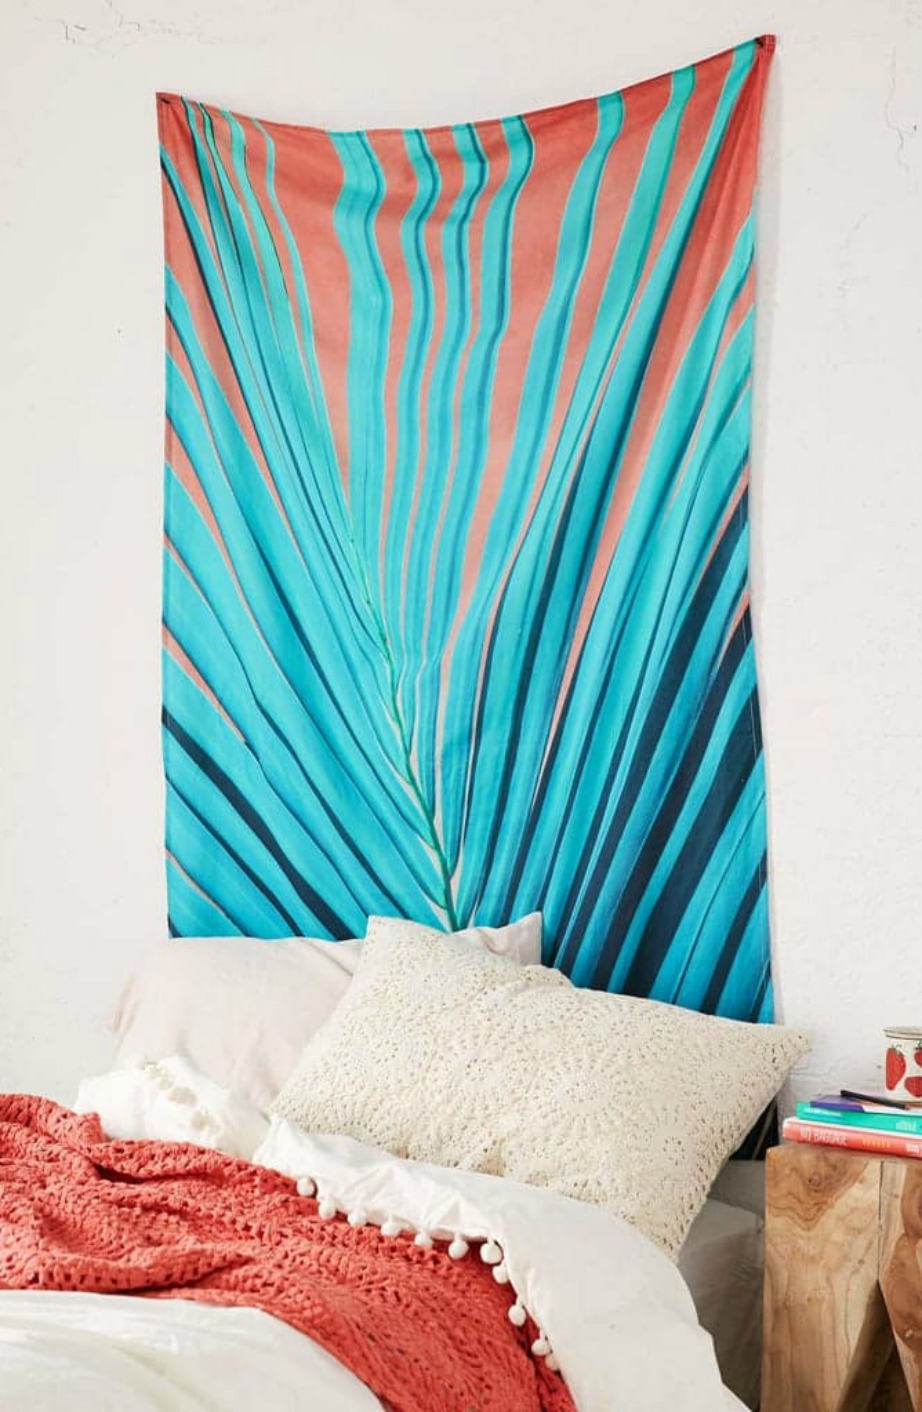 Μέχρι να πάτε διακοπές...βάλτε την πετσέτα σας στον τοίχο.